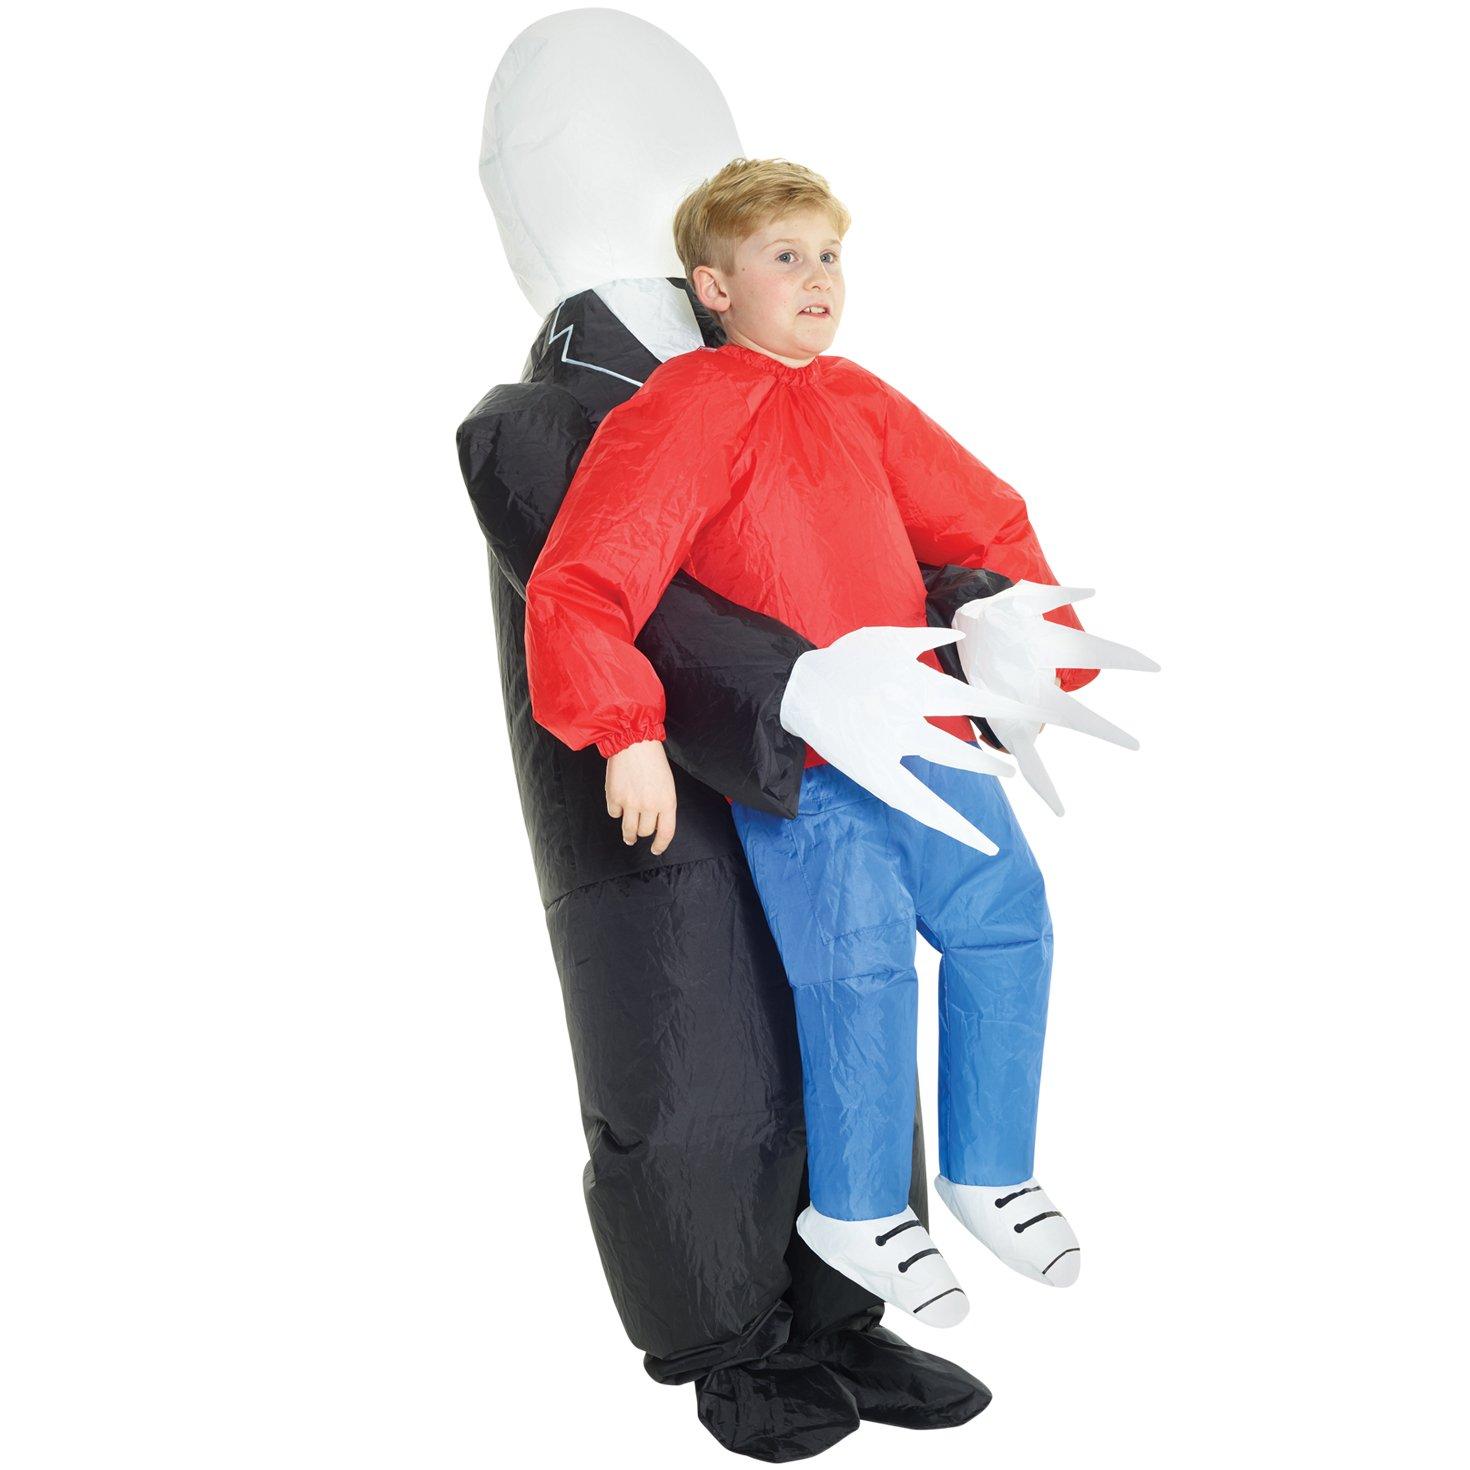 ENFANTS Morphcostumes géant gonflable Blow up Pick Me Up Costume – Disponible dans différents Designs   B072VMMRVX